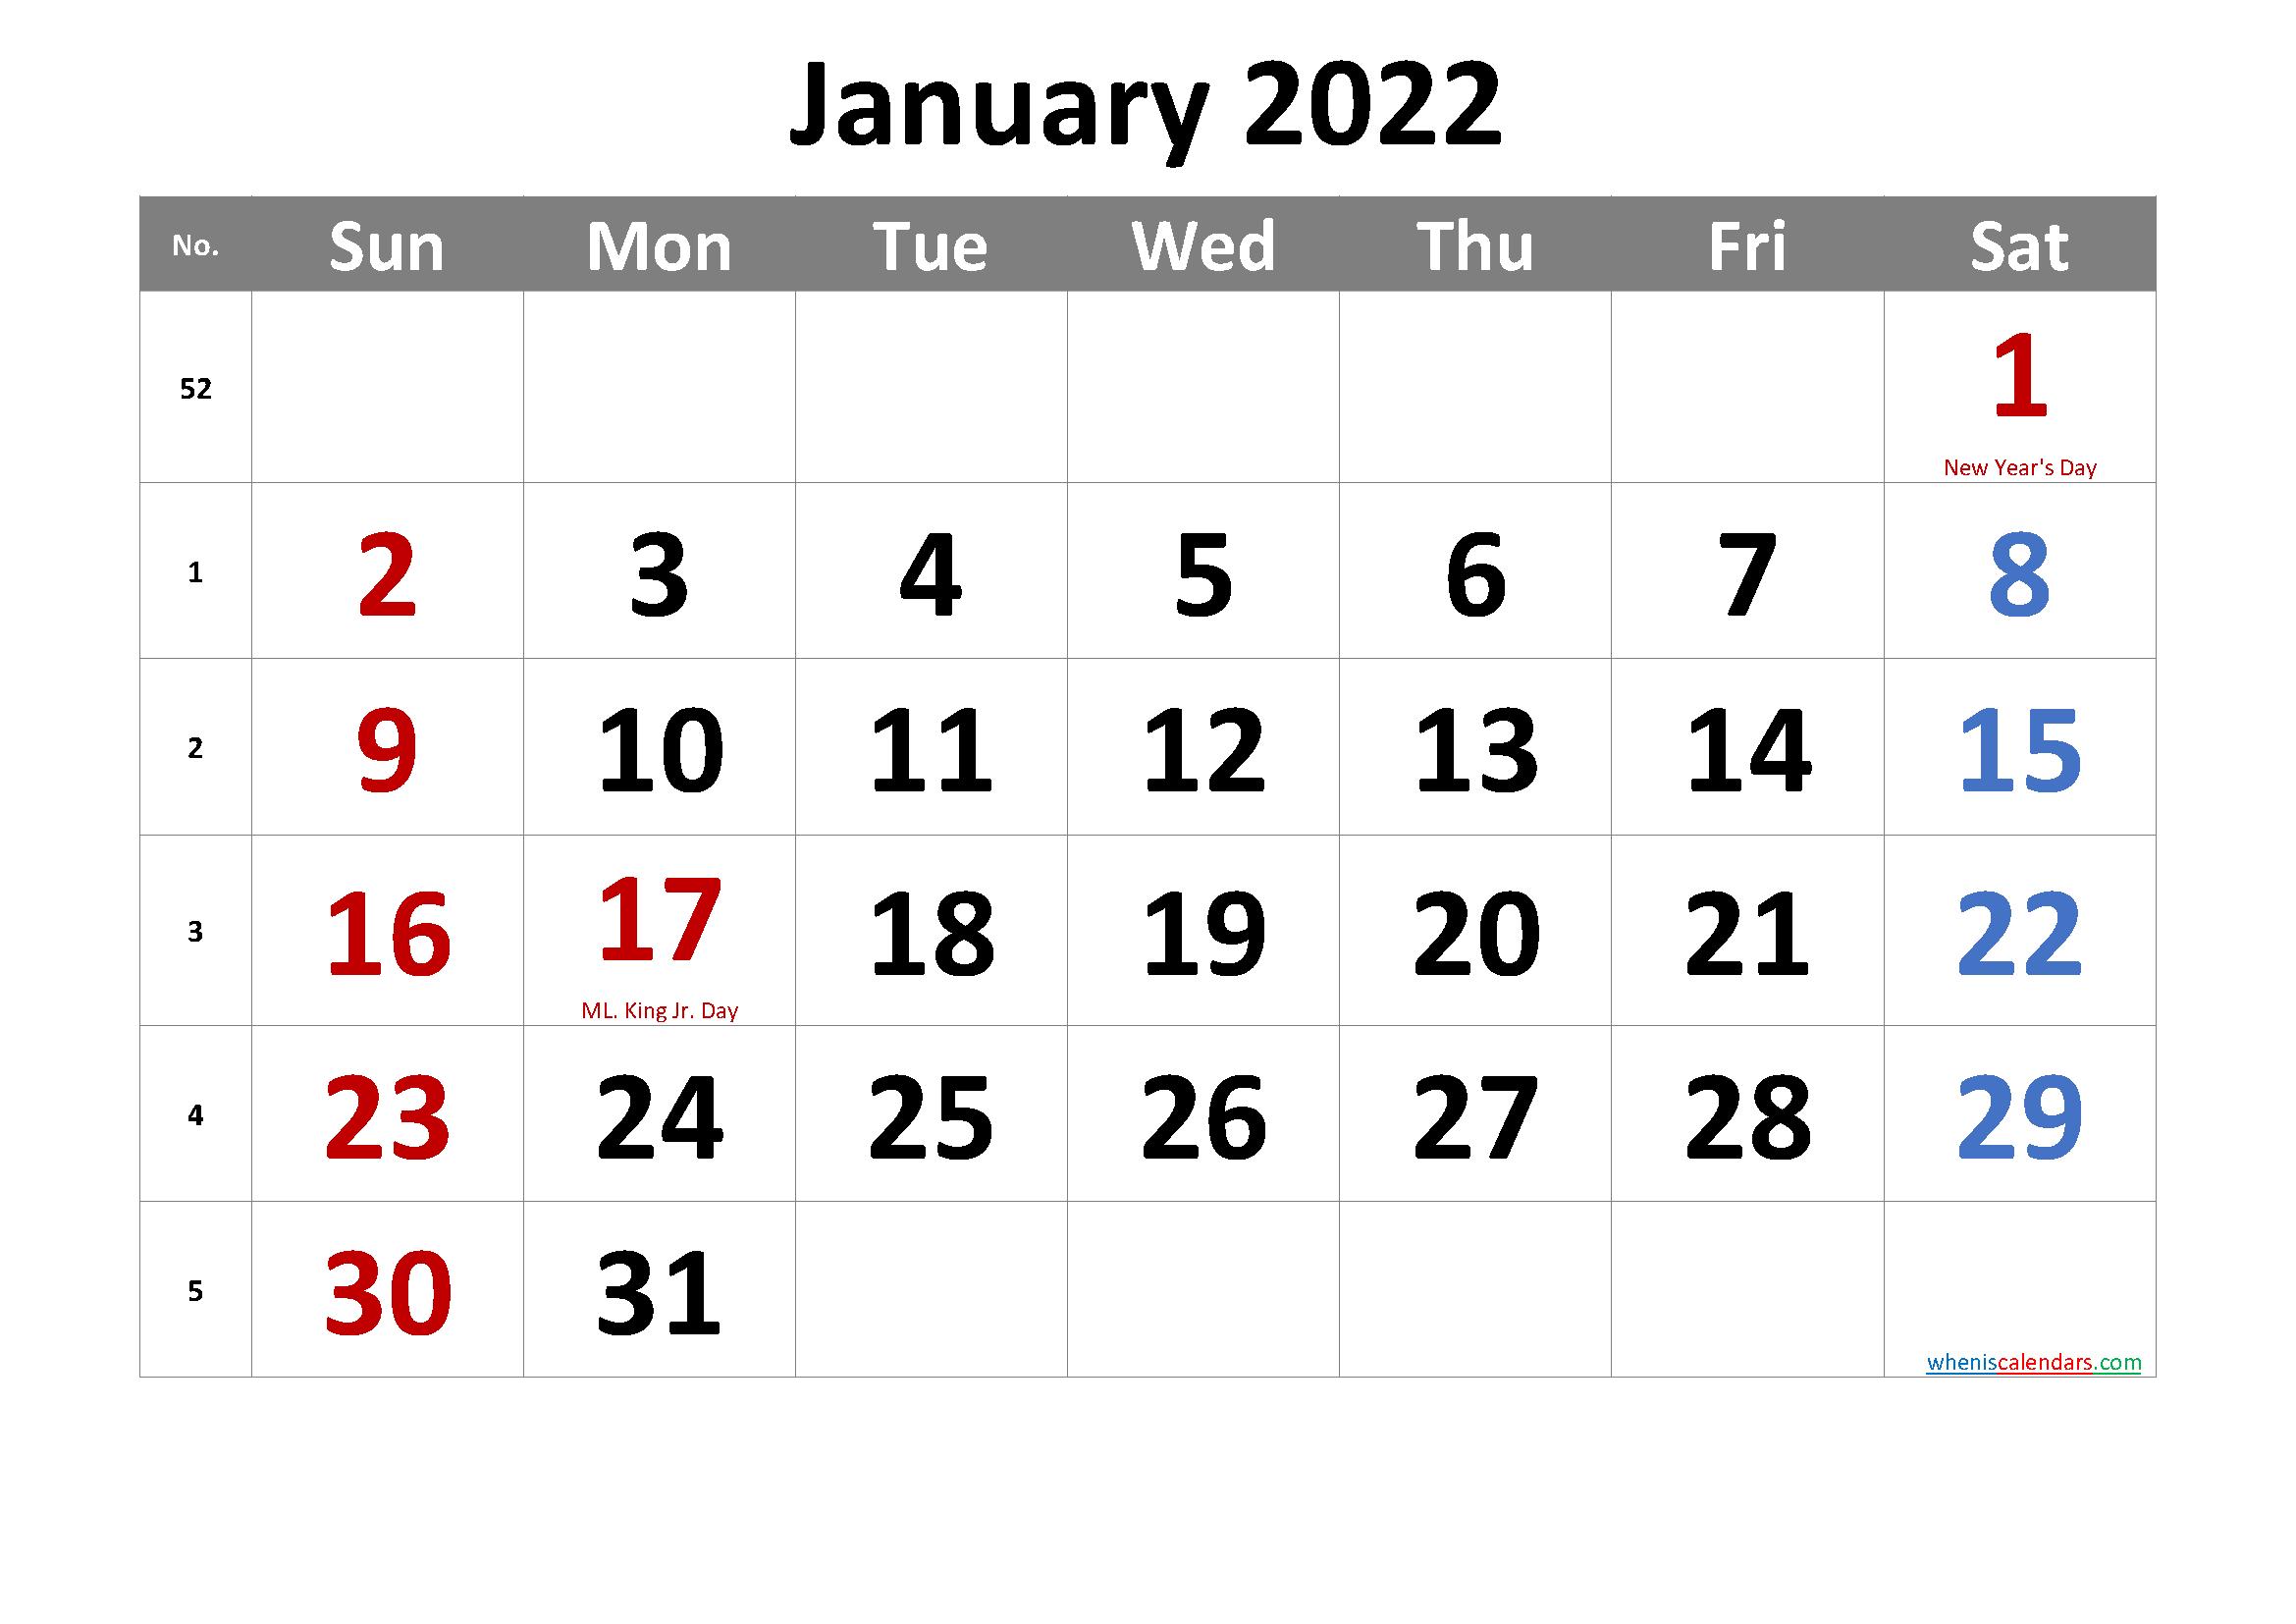 Free January 2022 Calendar Printable Regarding January 2022 Calendar Printable Free